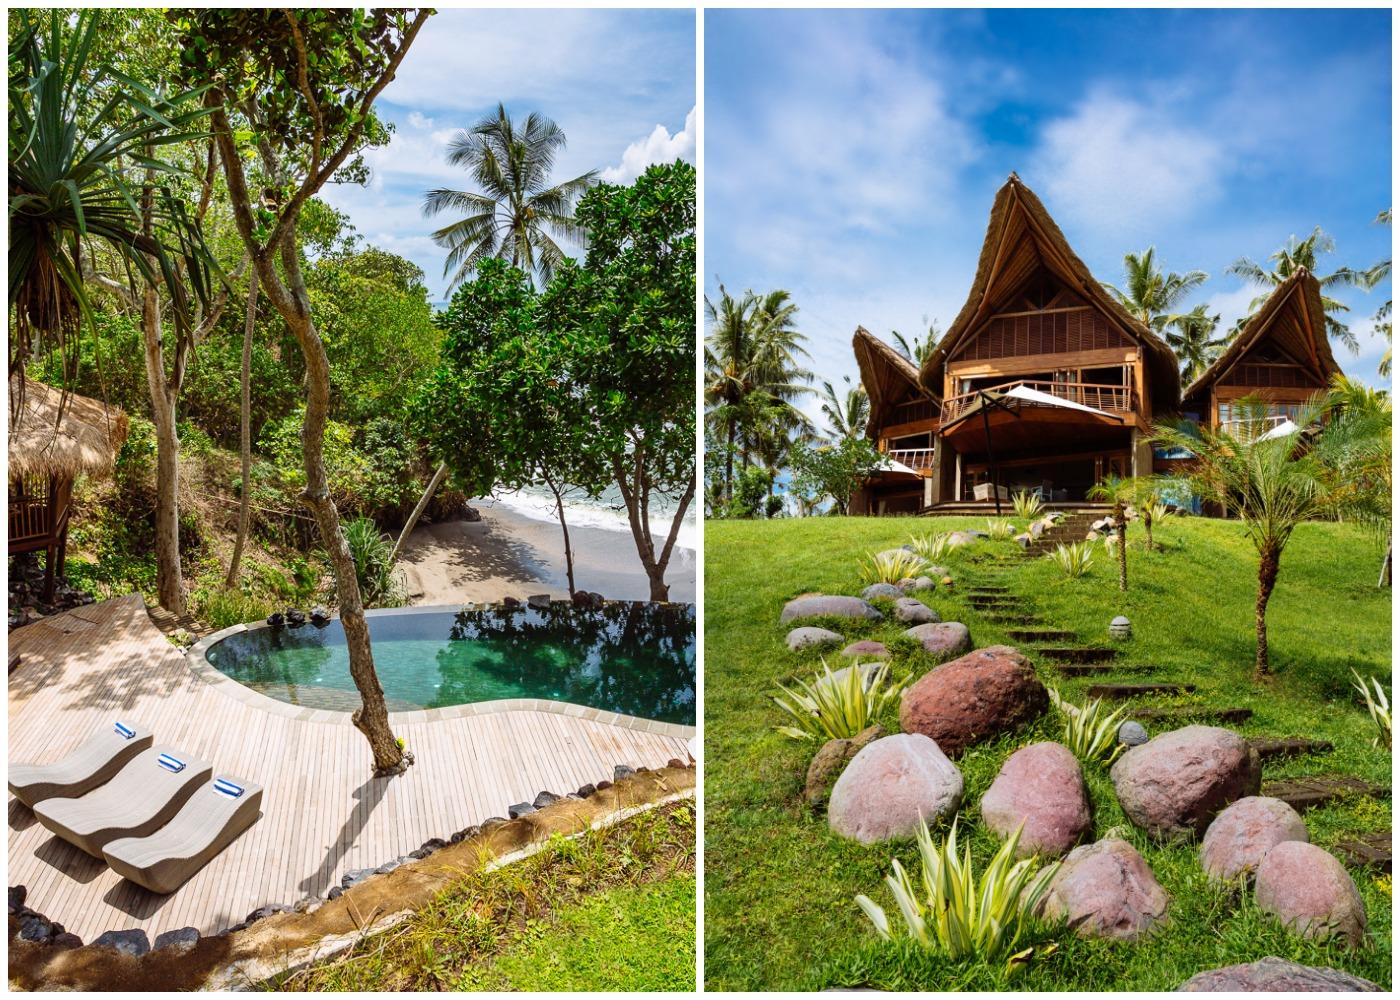 The Cove Bali villa